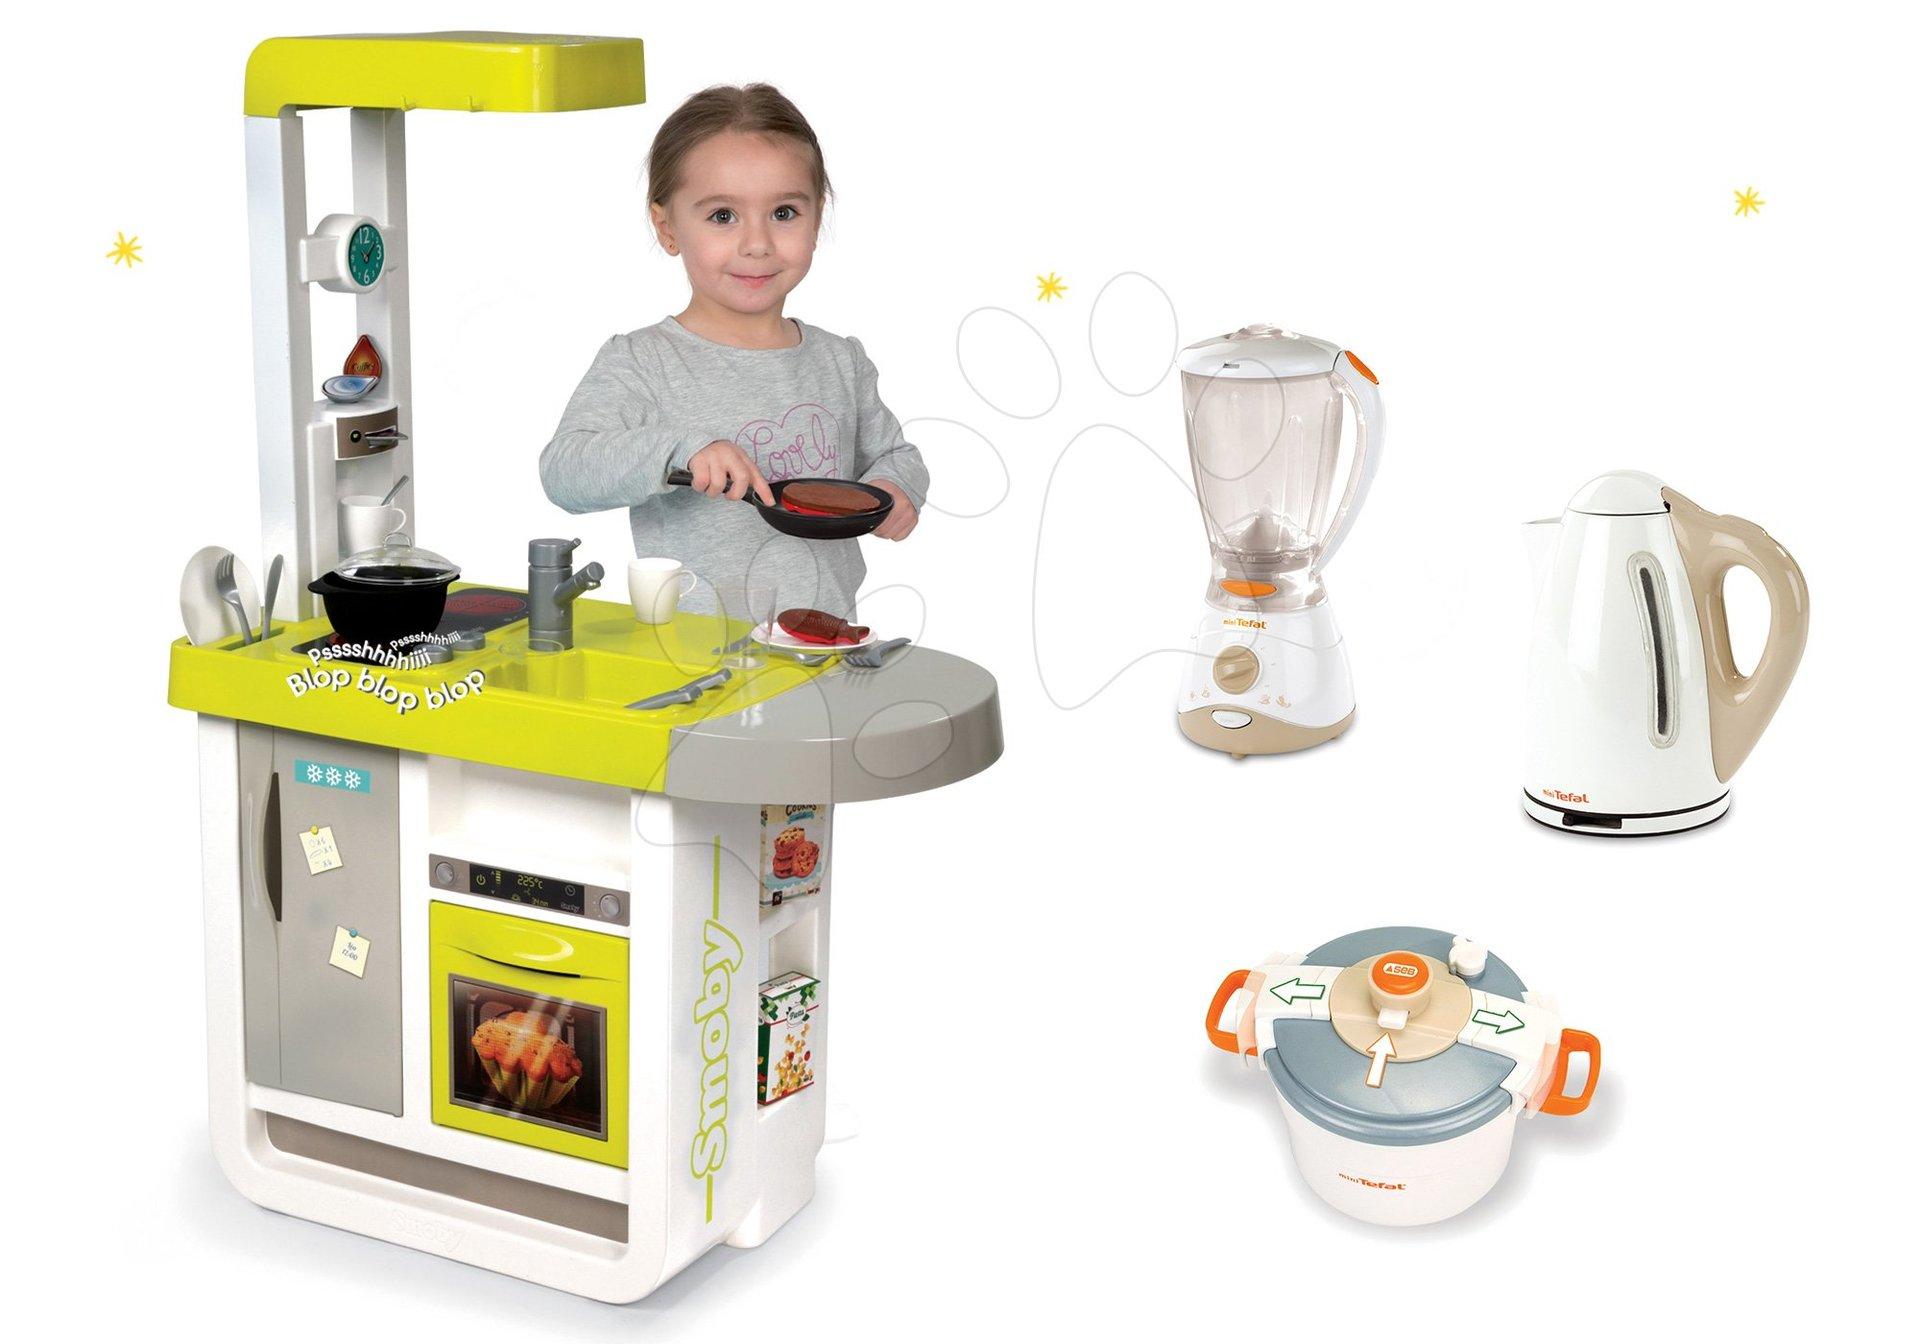 Smoby set detská kuchynka elektronická Cherry so zvukmi a kuchynské spotrebiče Tefal 310908-7